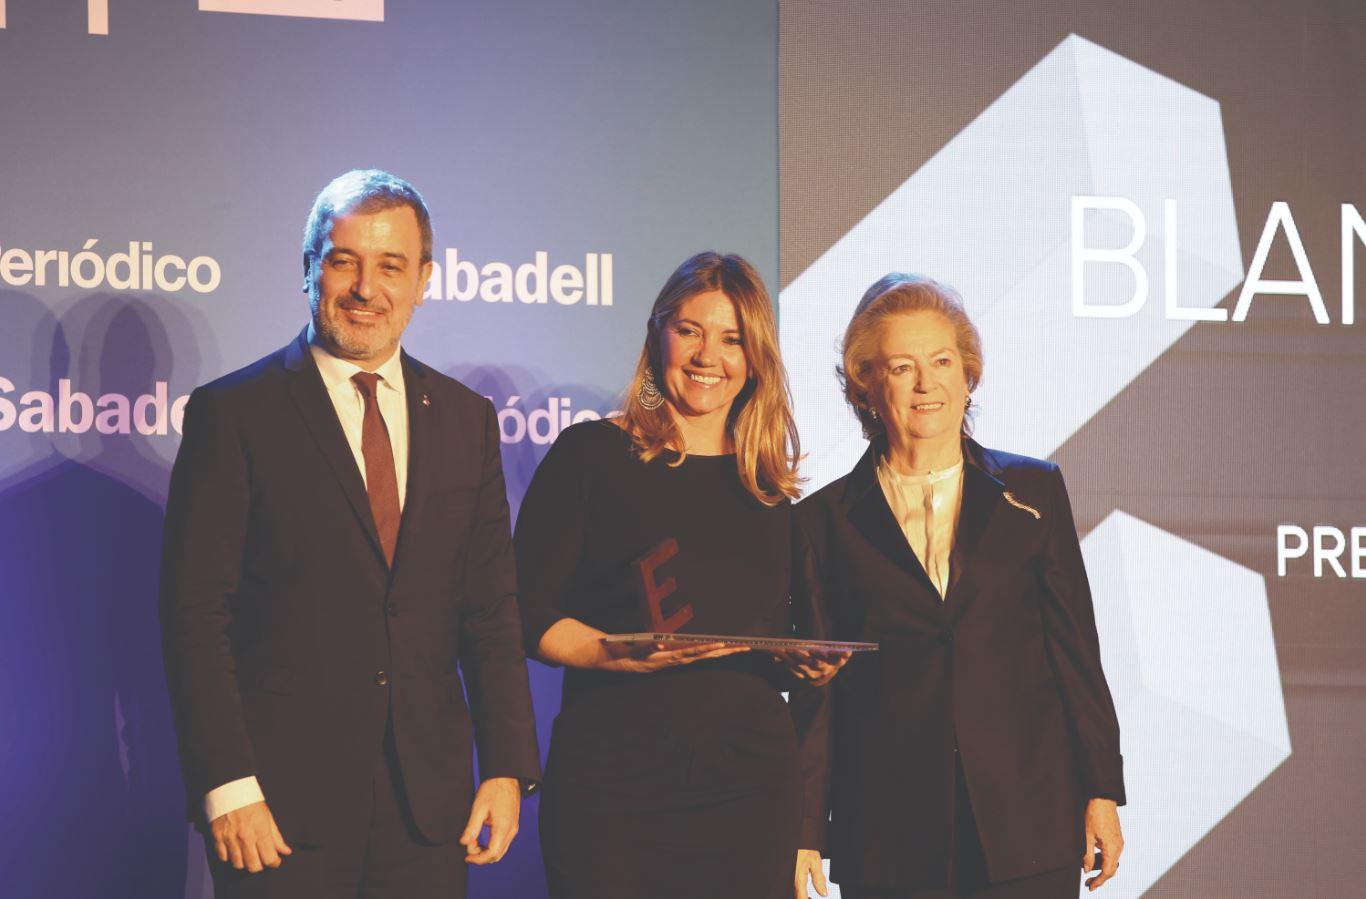 blanca sorigué, directora general del consorci de la zona franca de barcelona, recibió el premio equipara de manos de jaume collboni, primer teniente de alcalde del ayuntamiento de barcelona, y de arantza sarasola, vicepresidenta de prensa ibérica.